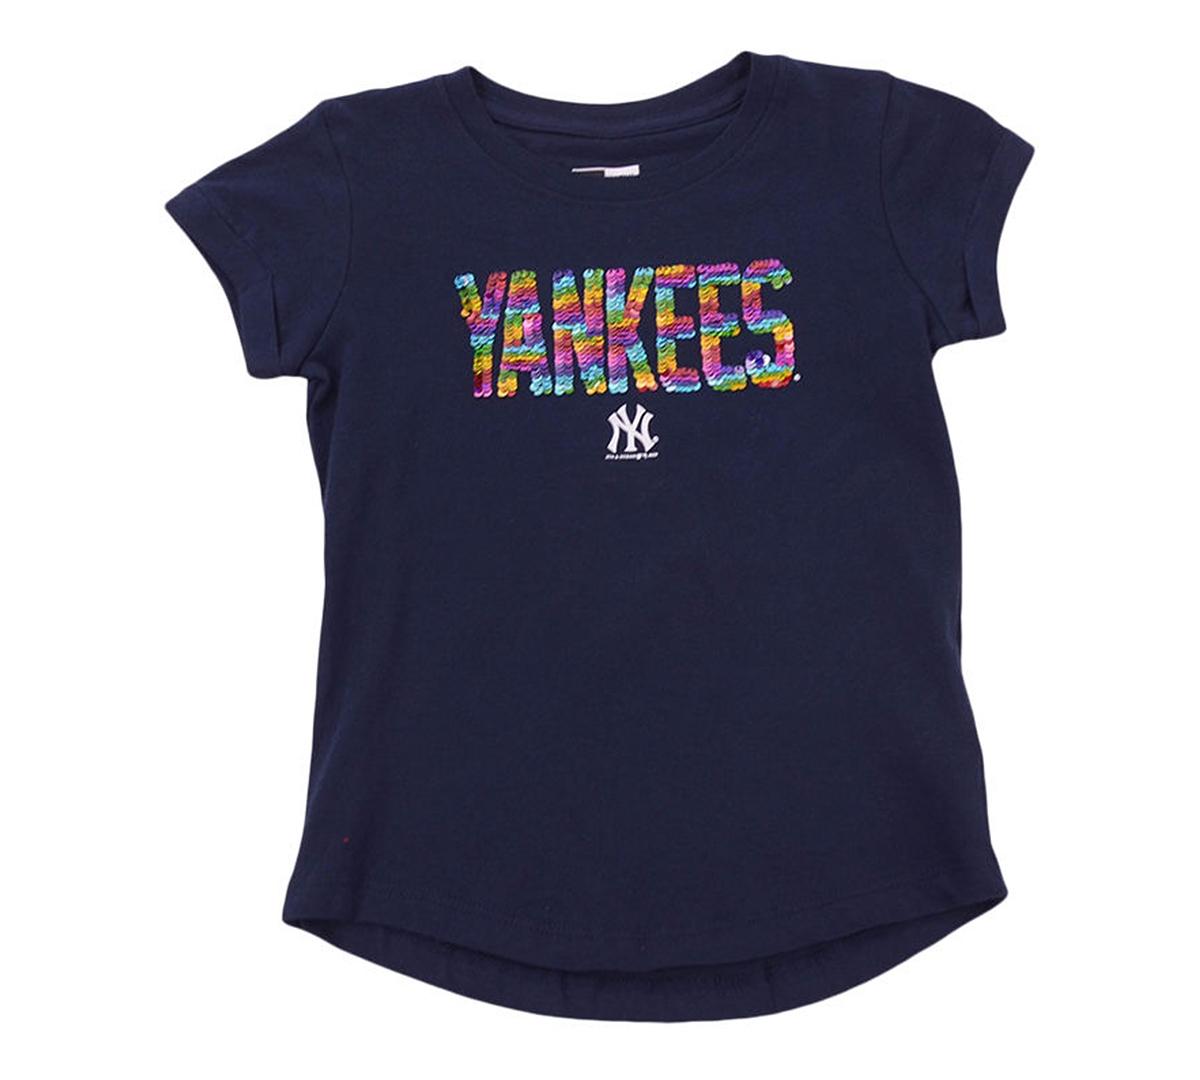 New Era Youth Girls New York Yankees Flip Sequin T-Shirt